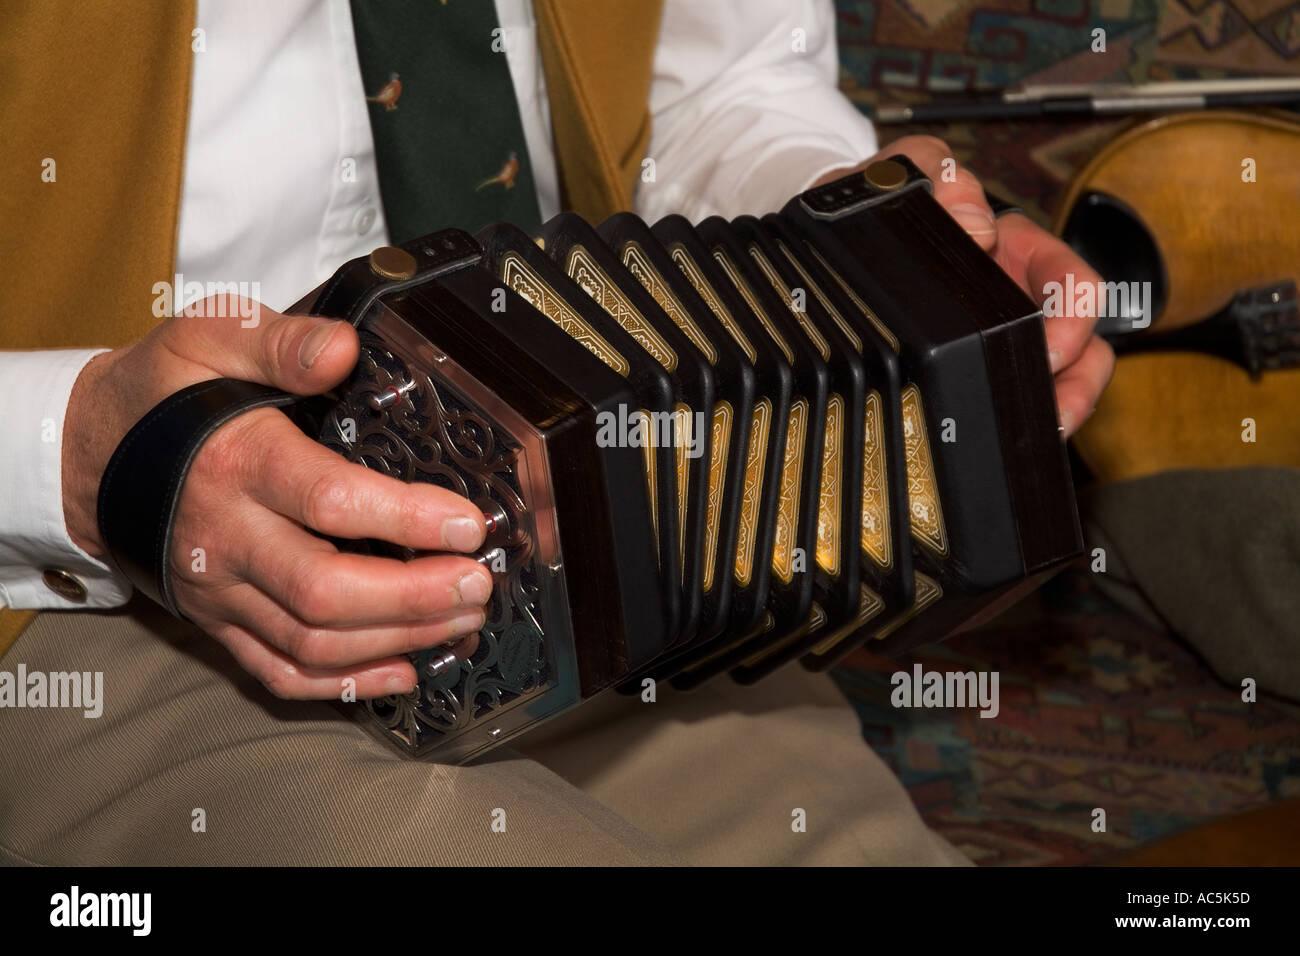 Concertina Stockfotos & Concertina Bilder - Alamy